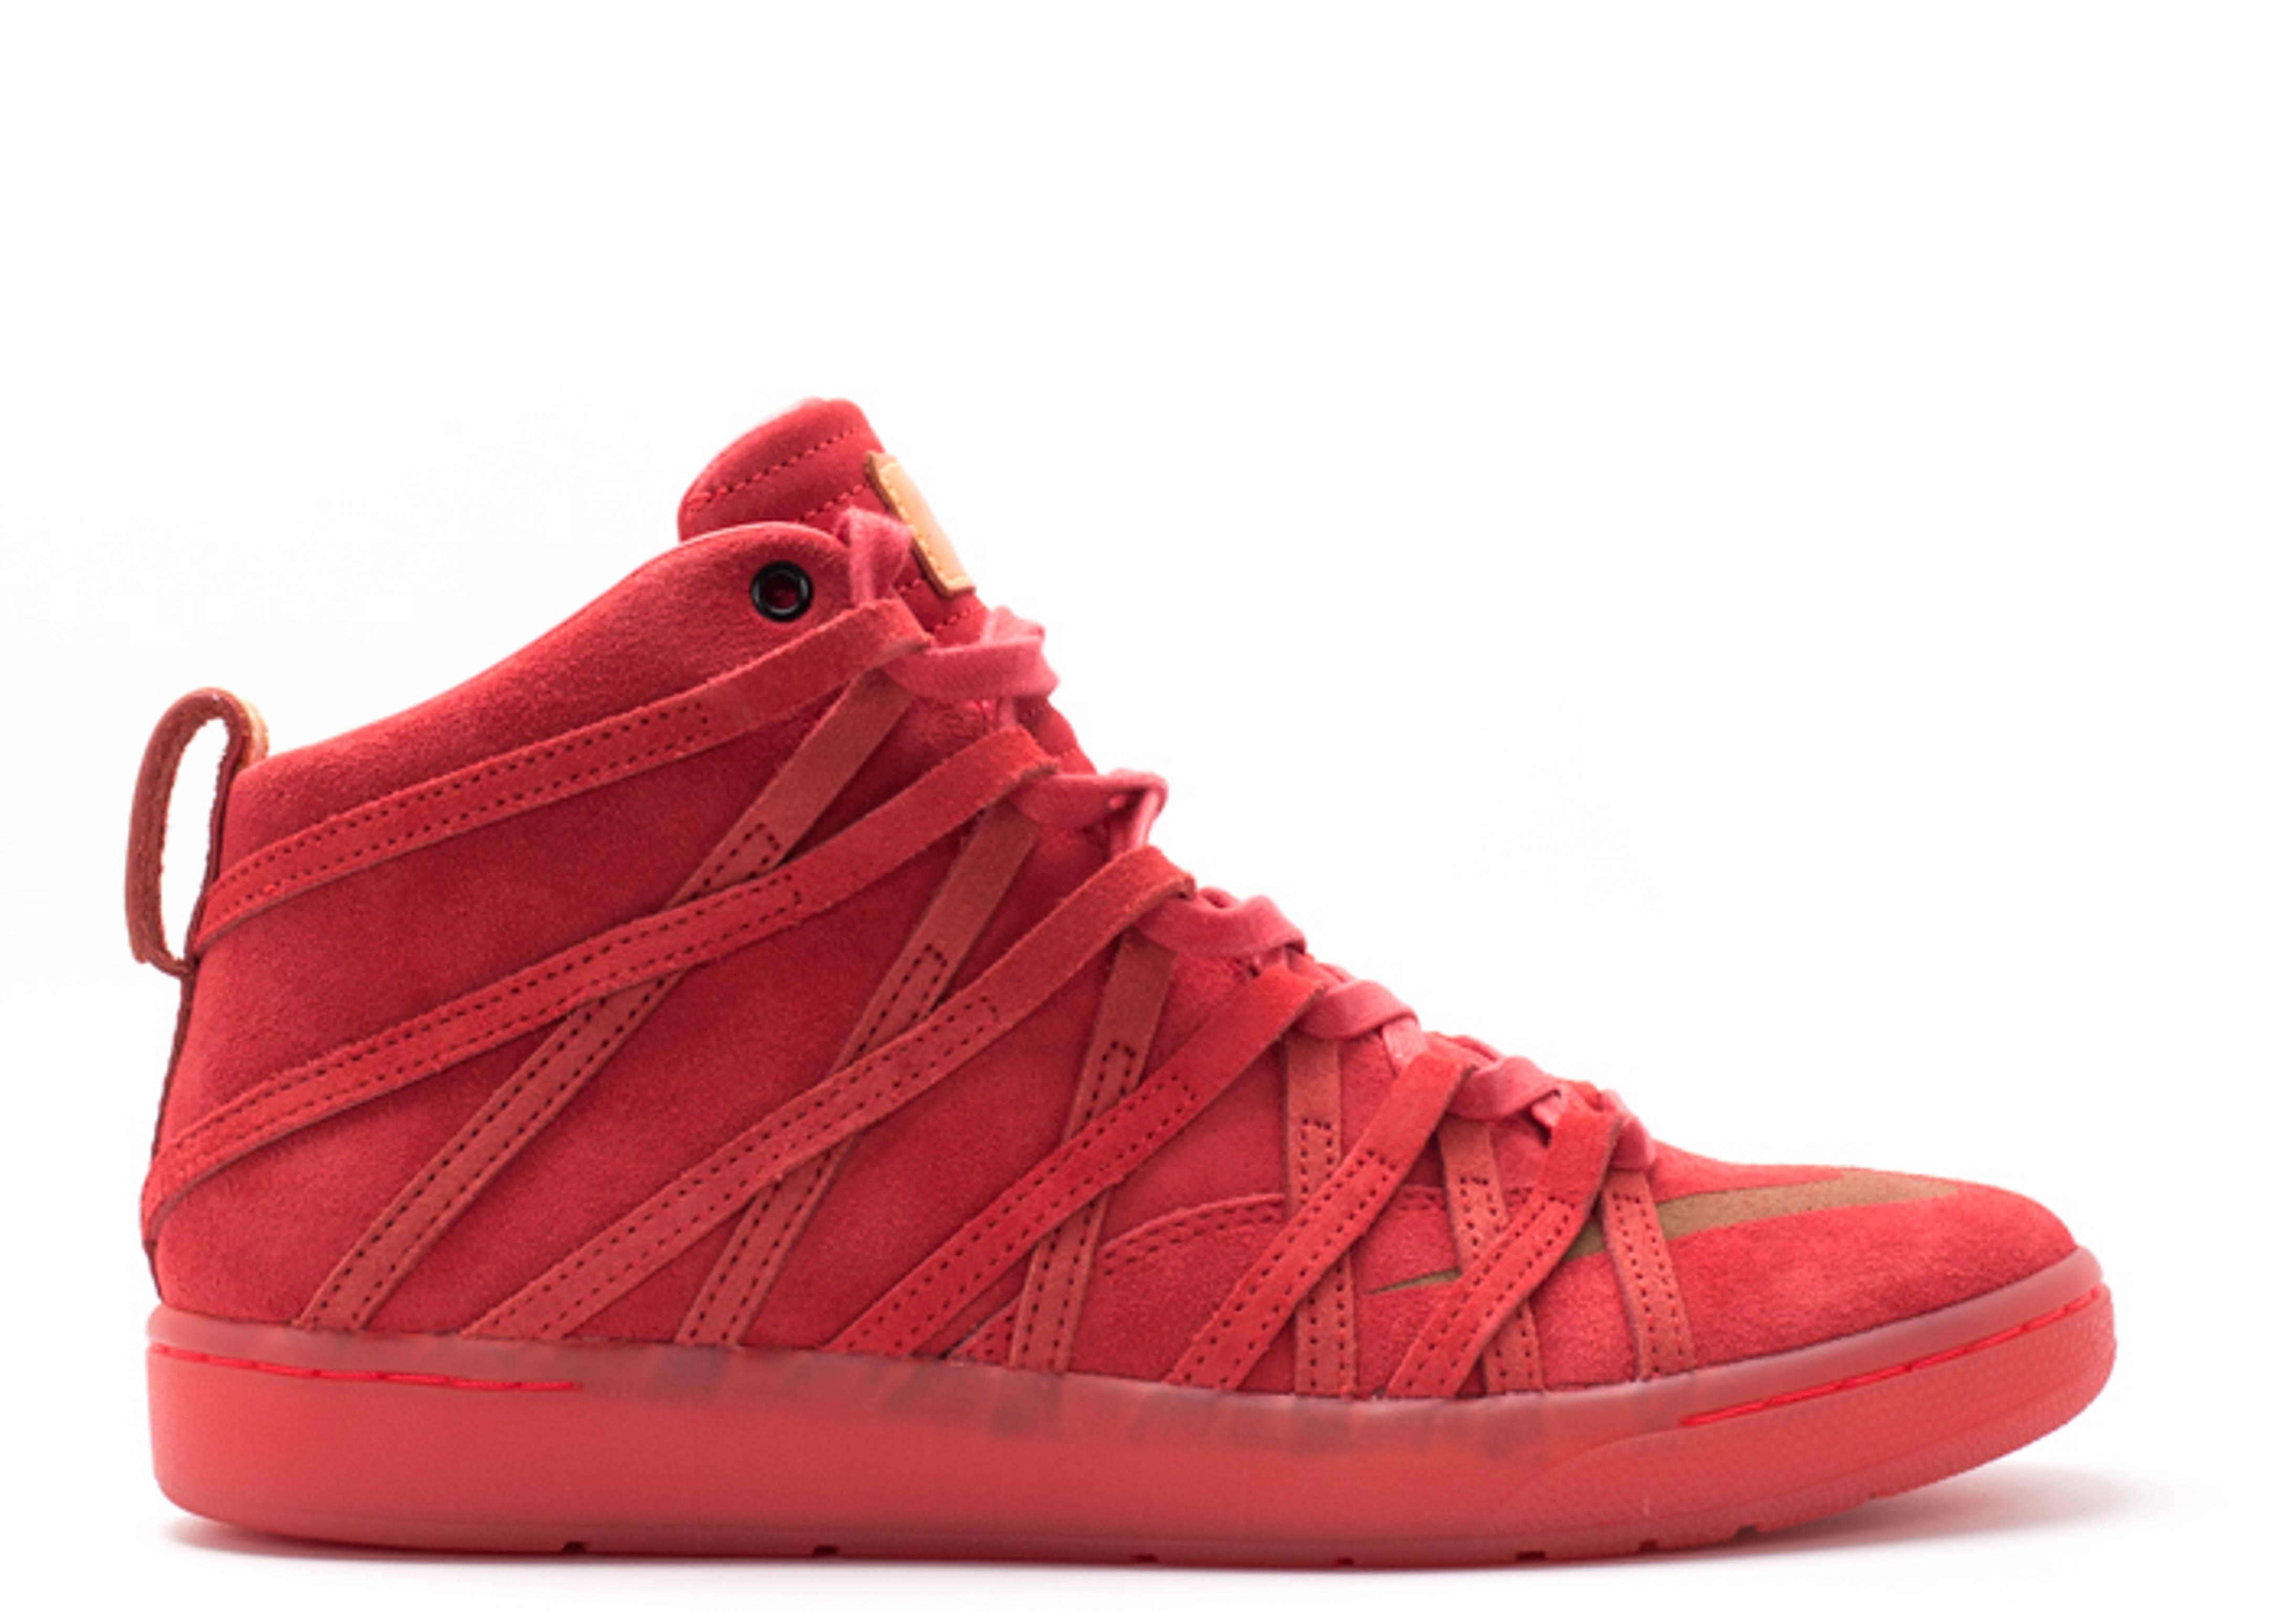 bdaab287ec6 Kd 7 Nsw Lifestyle Qs - Nike - 653871 600 - chllng rd chllng rd-pch ...